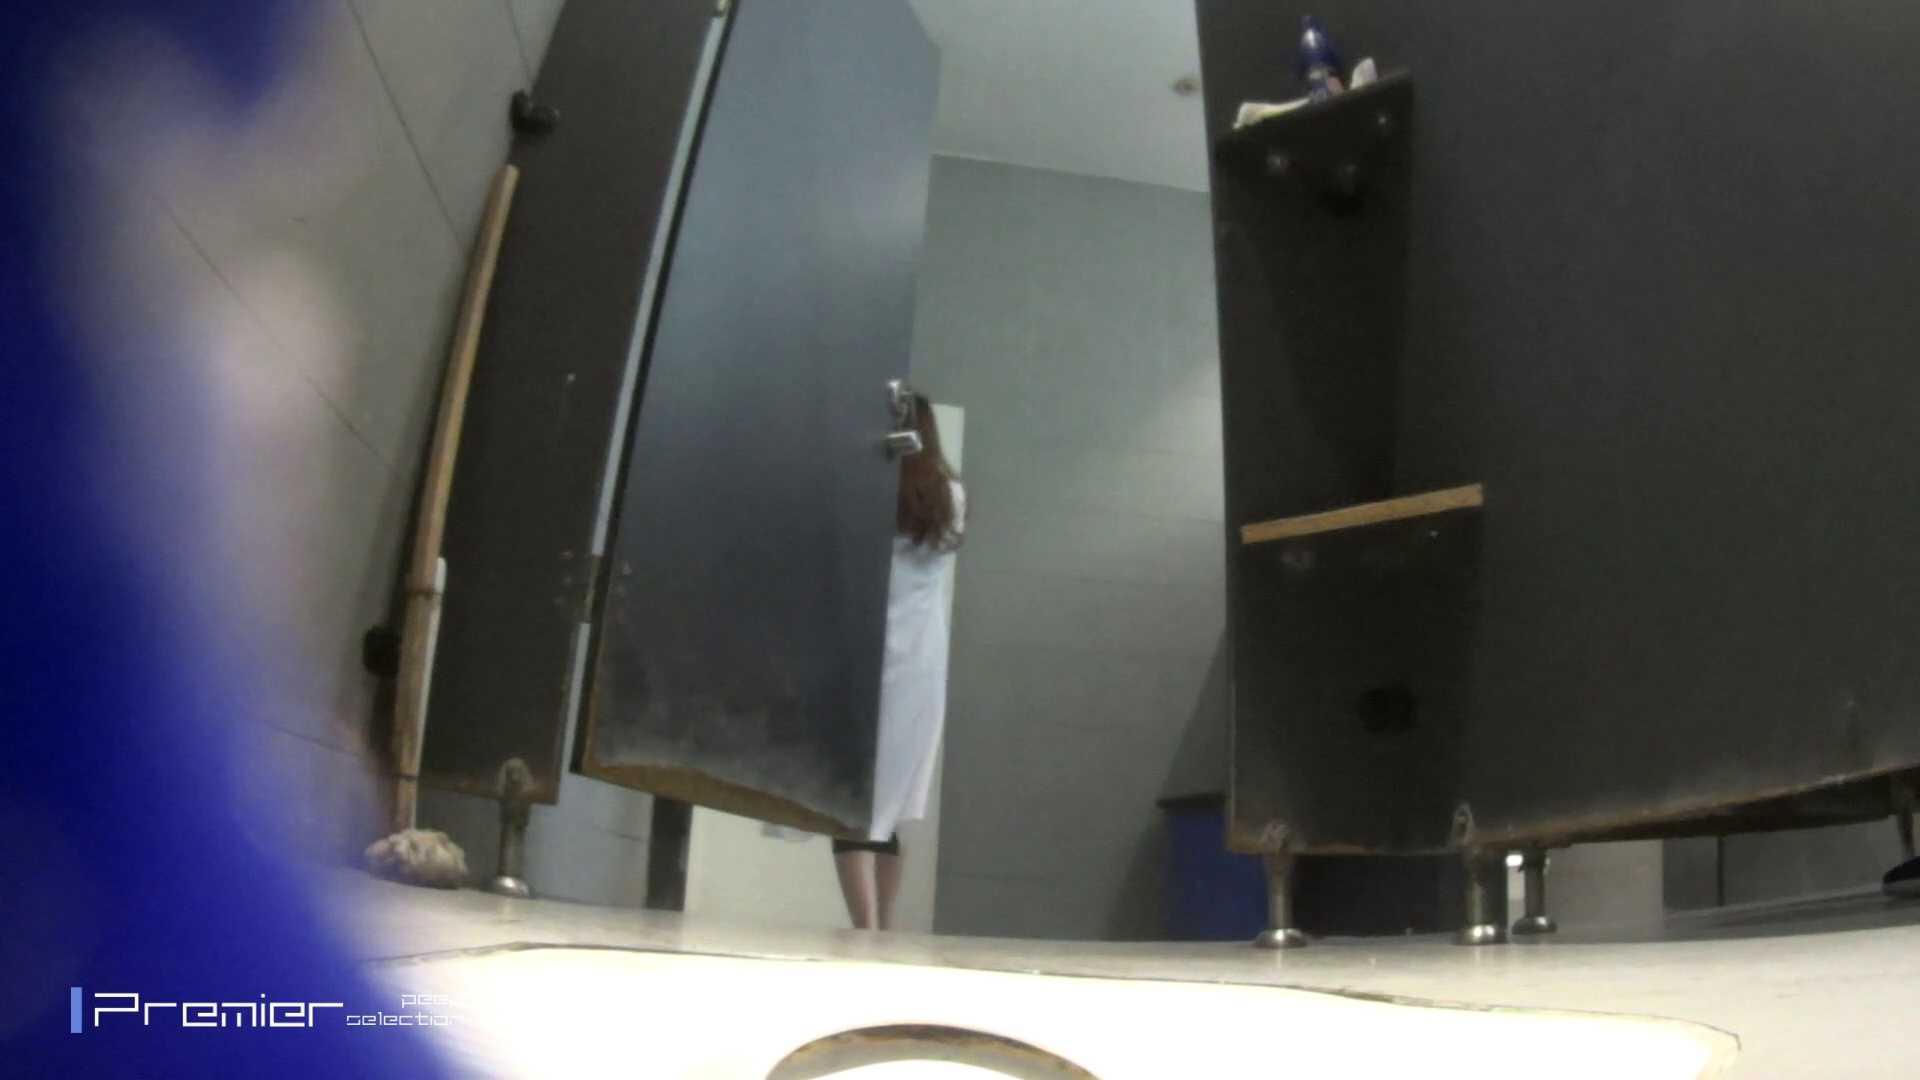 色白美女の洗面所 大学休憩時間の洗面所事情51 美肌   美女H映像  55画像 2